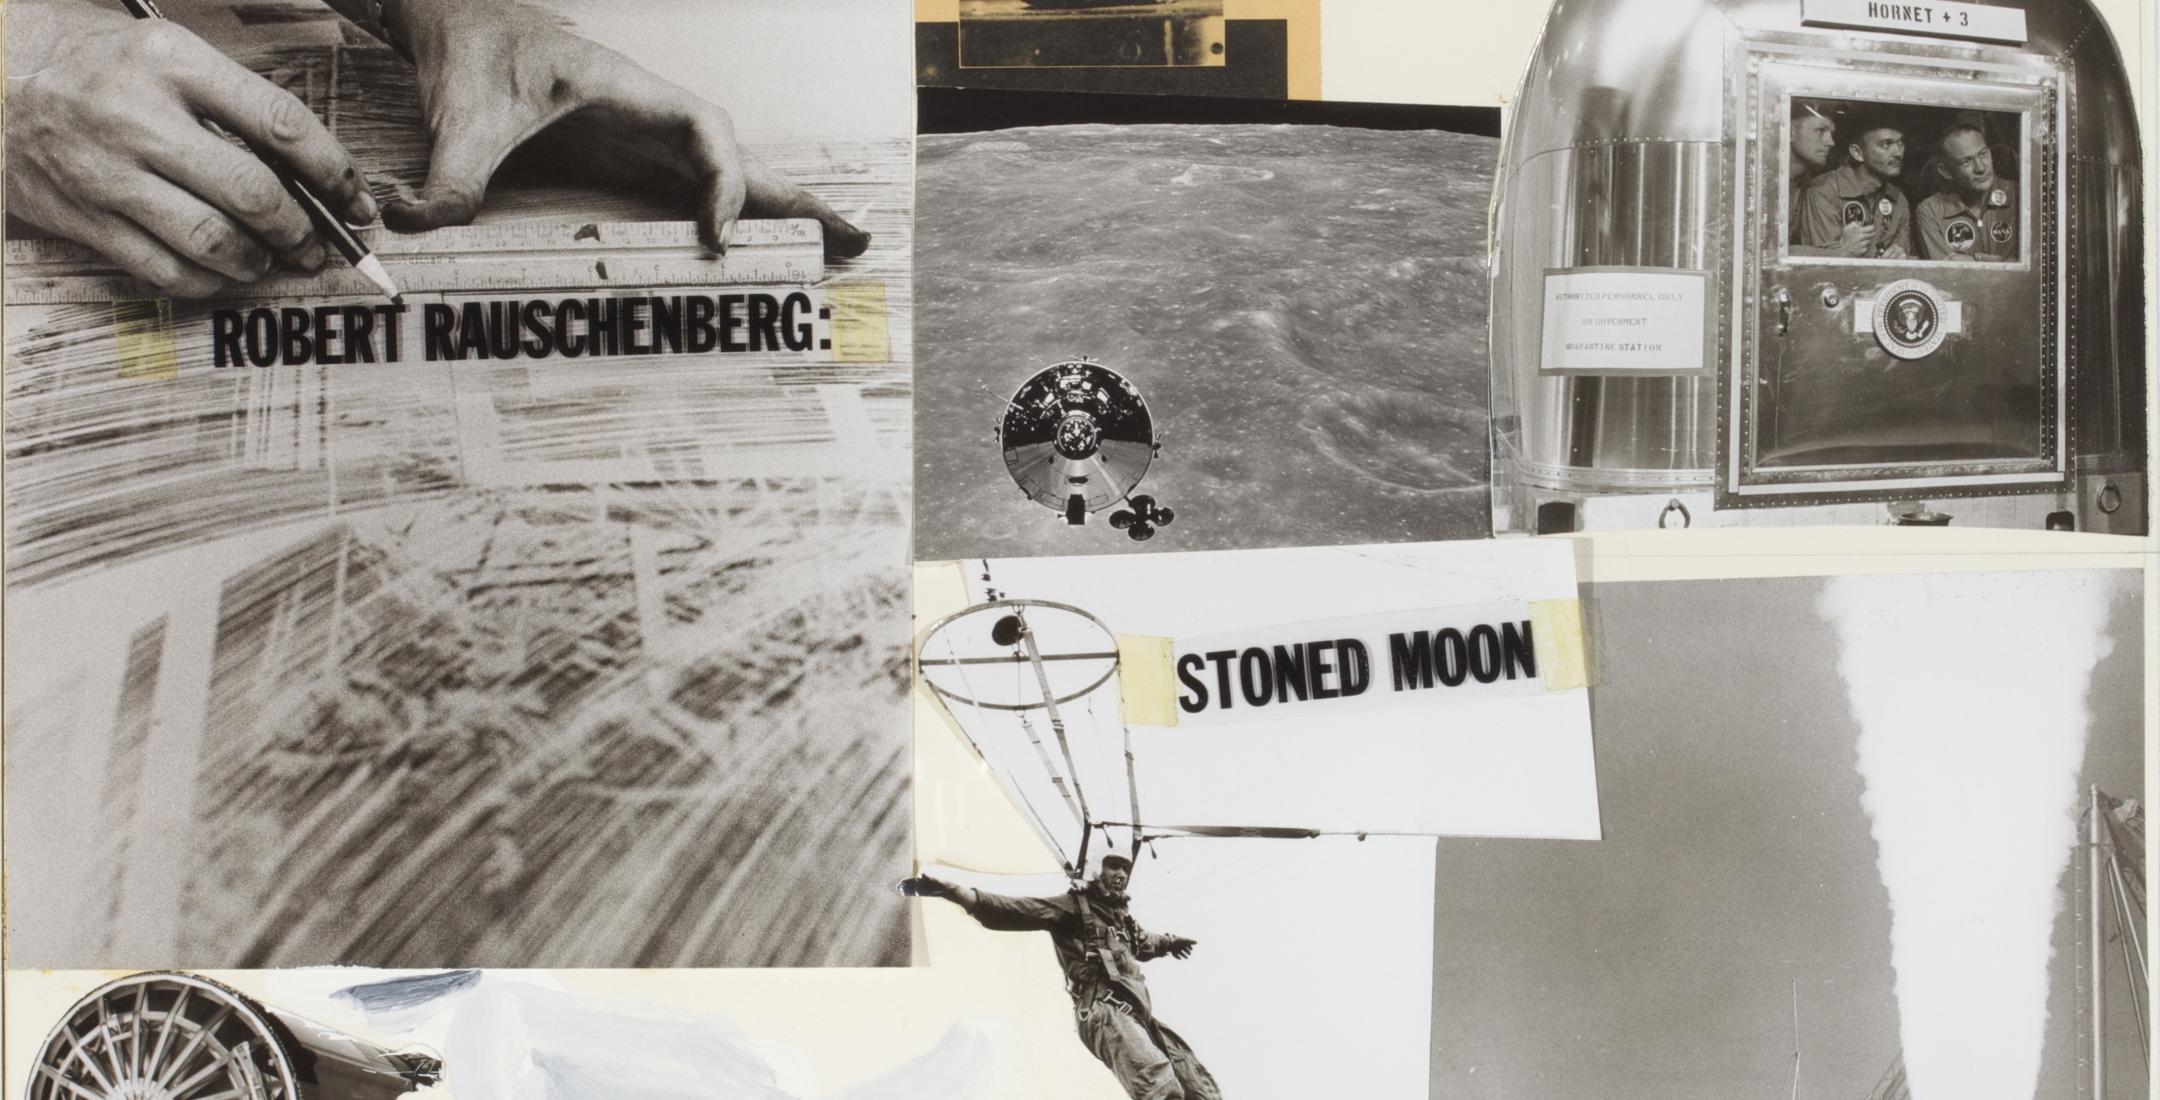 Robert Rauschenberg: Stoned Moon 1969-70